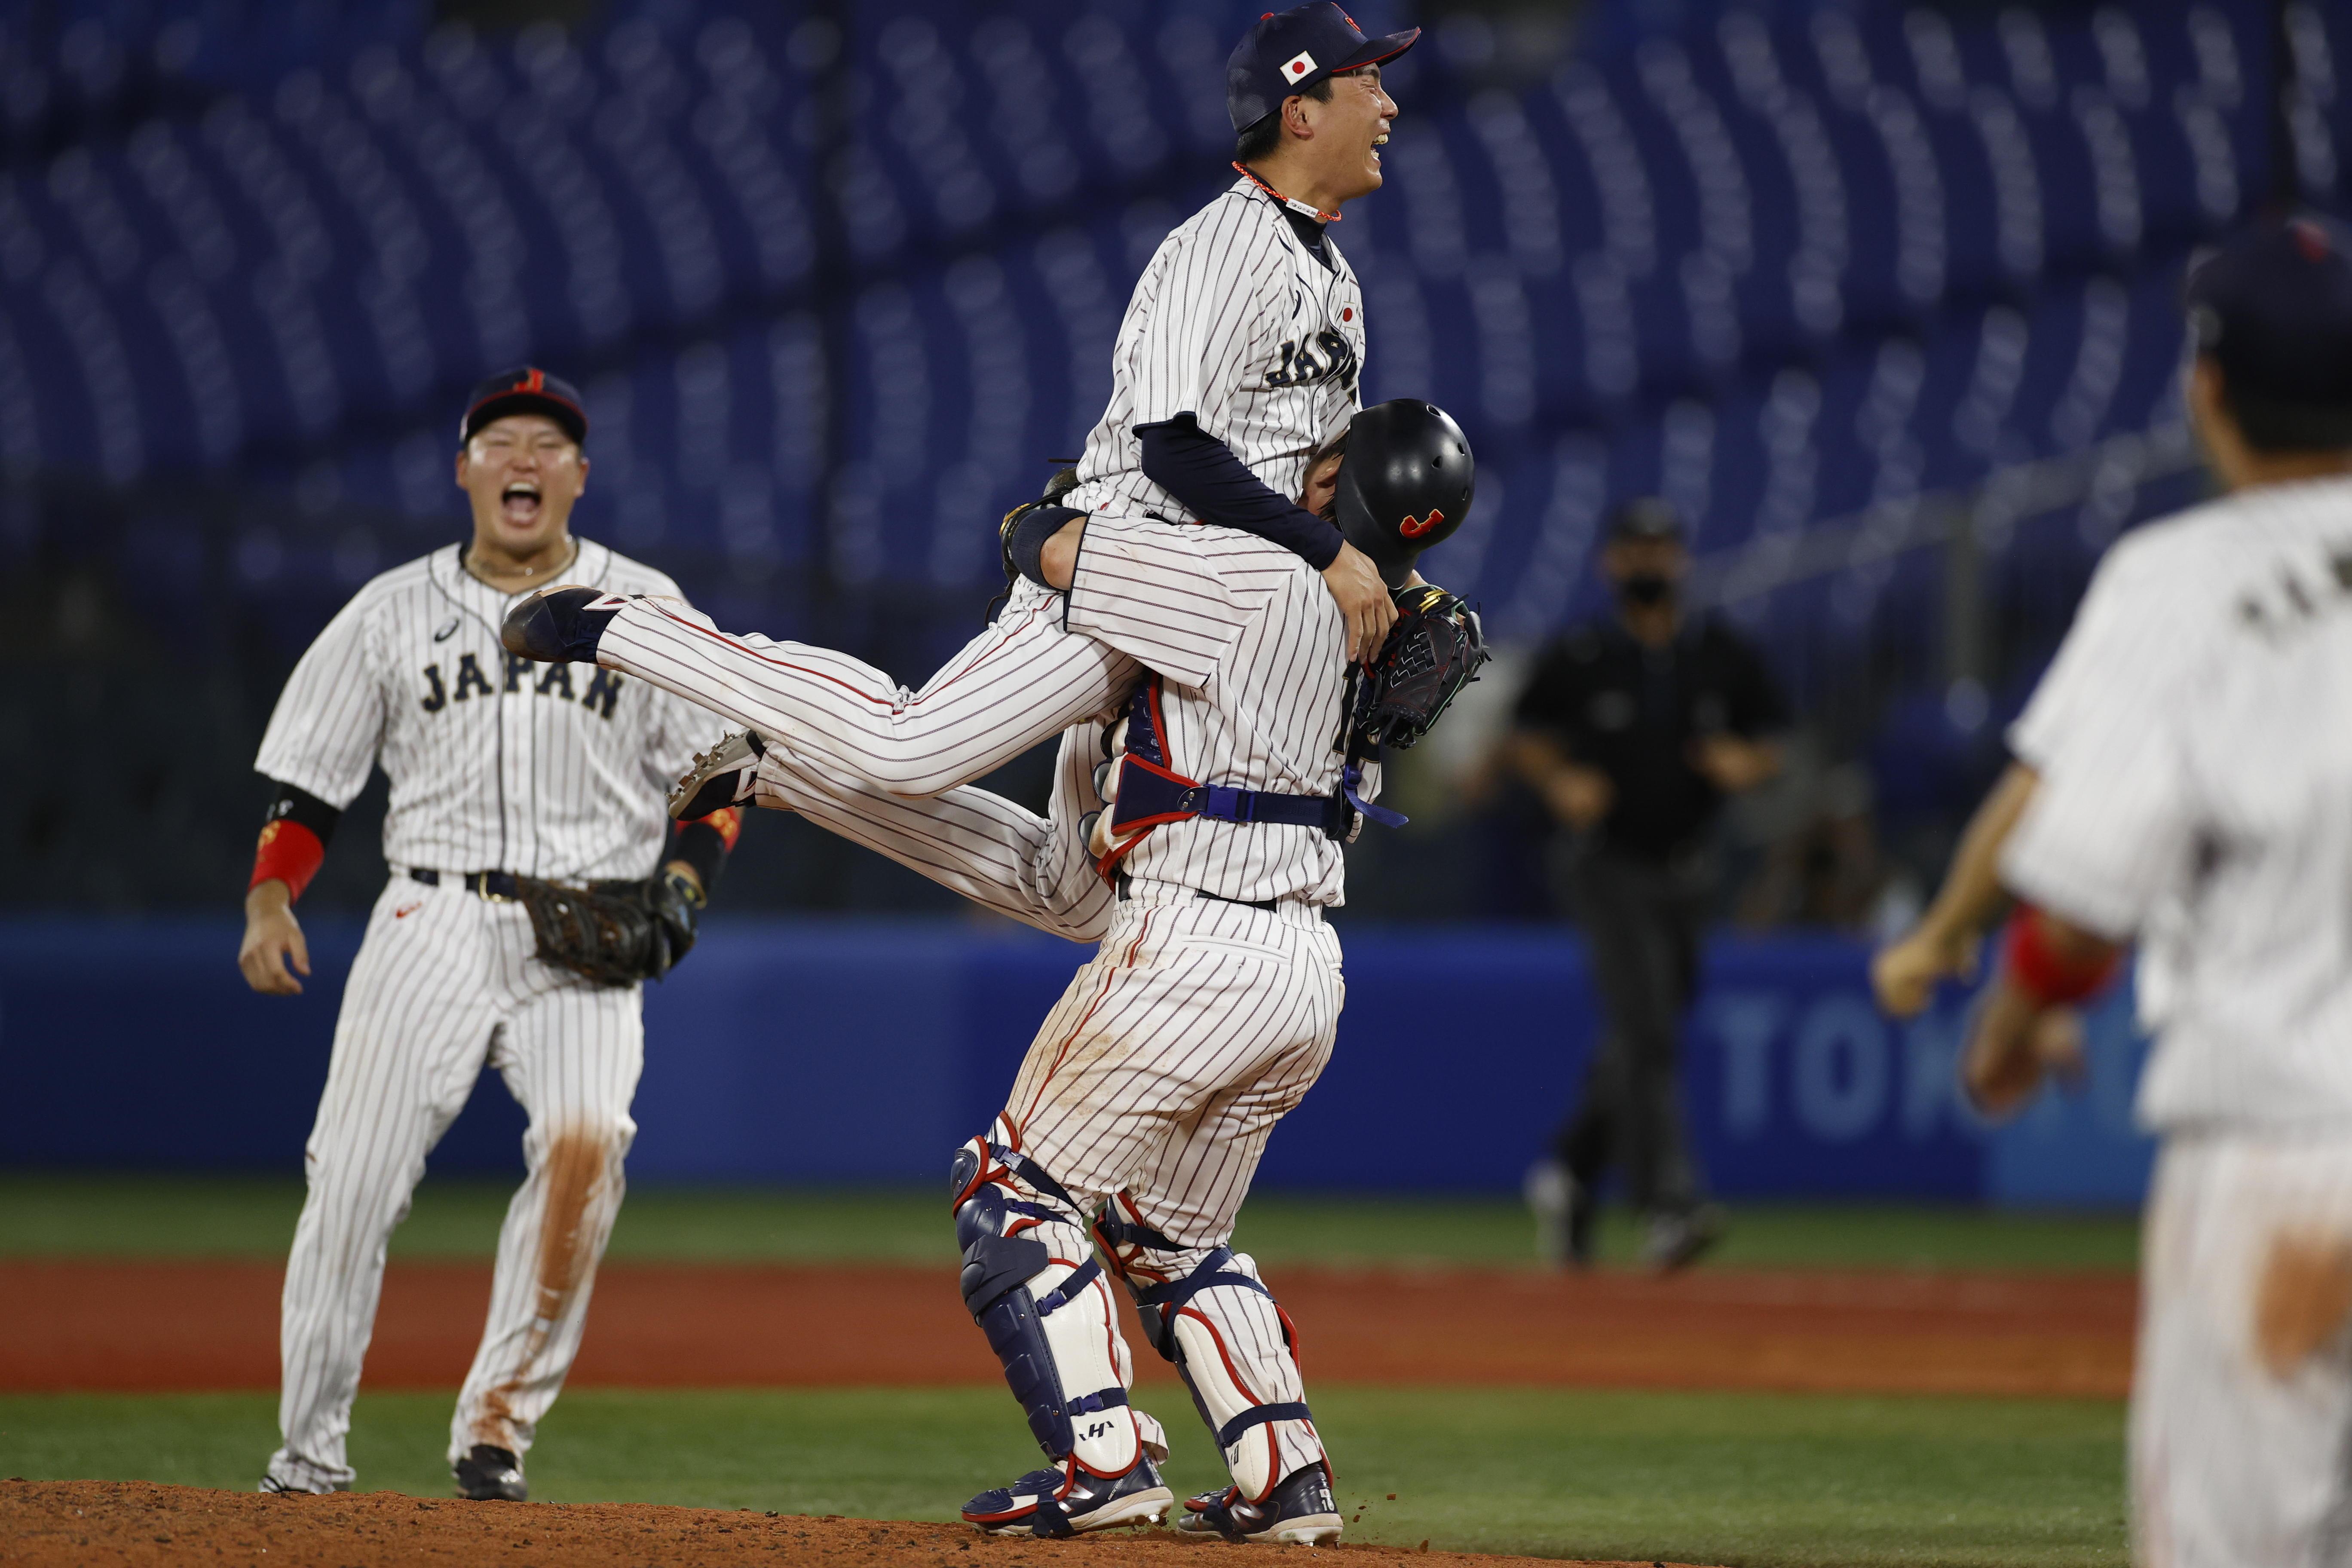 優勝を決めマウンドで抱き合う栗林良吏投手(写真:フォート・キシモト)